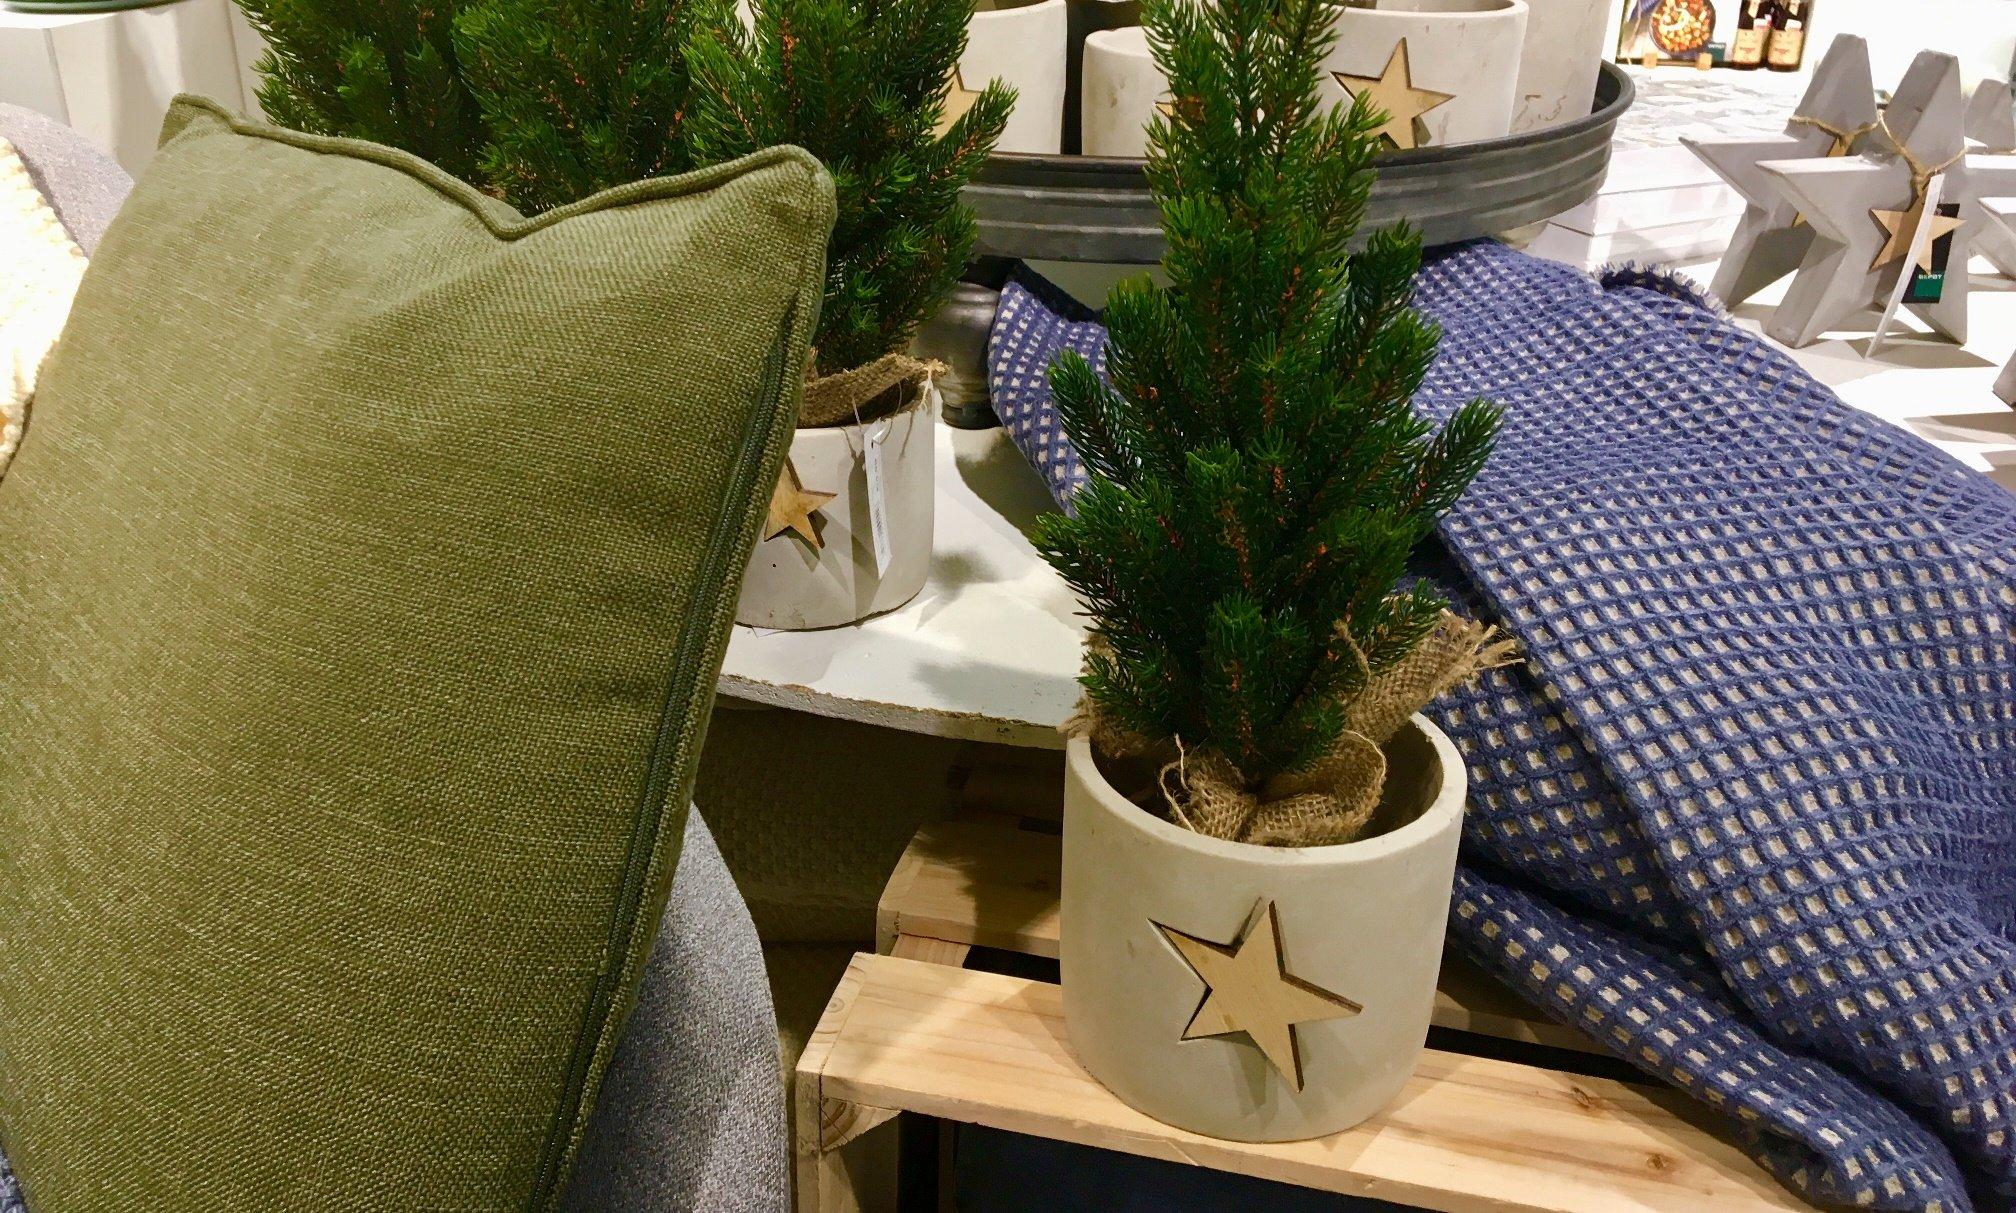 Foto 02.11.17 18 58 49 - Ist den schon Weihnachten? In den Läden weihnachtet es schon so....